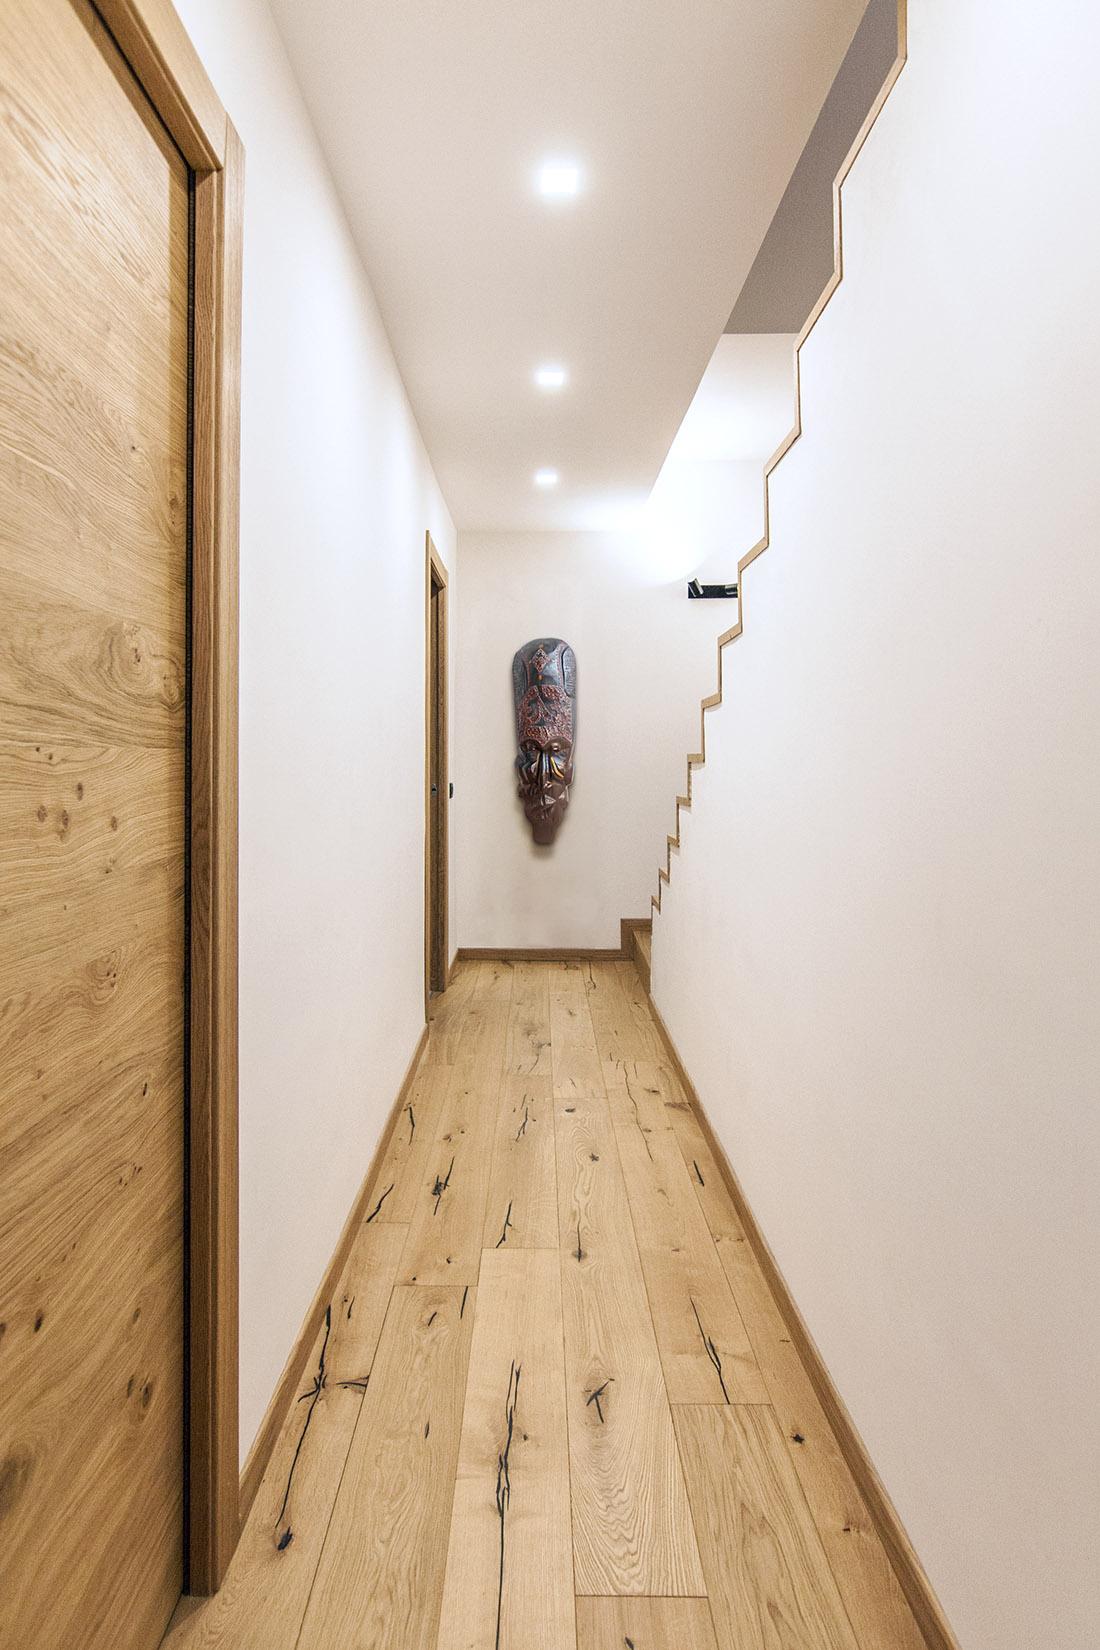 casa-tao-napoli-tufo-a-vista-recupero-moderno-pucciarelli-architetti-corridoio-parquet